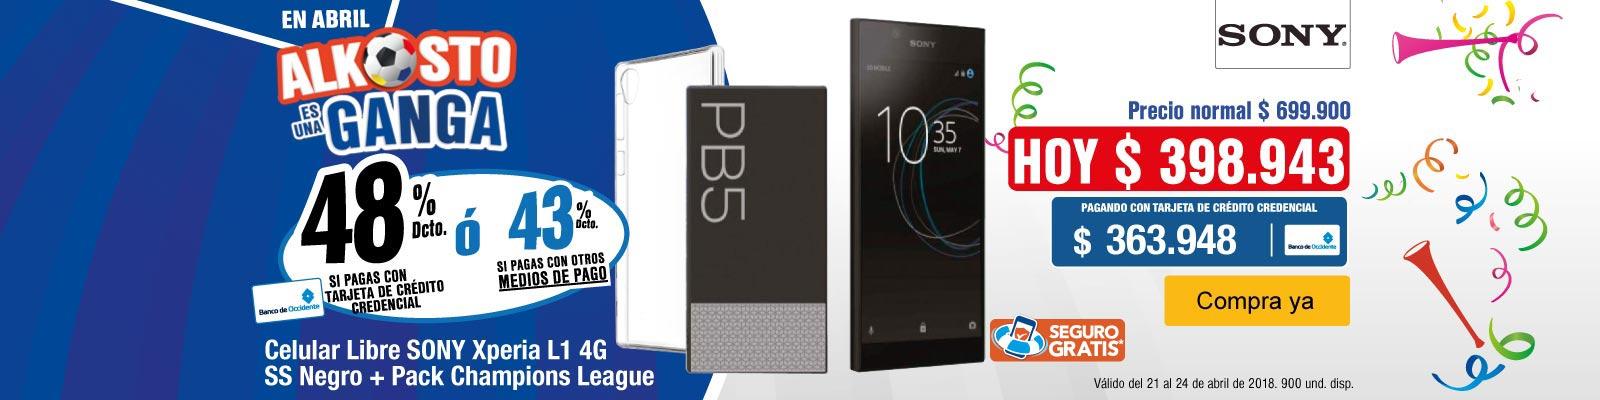 KT-PROMO-1-celulares-PP---Sony-L1Pack-Abr21